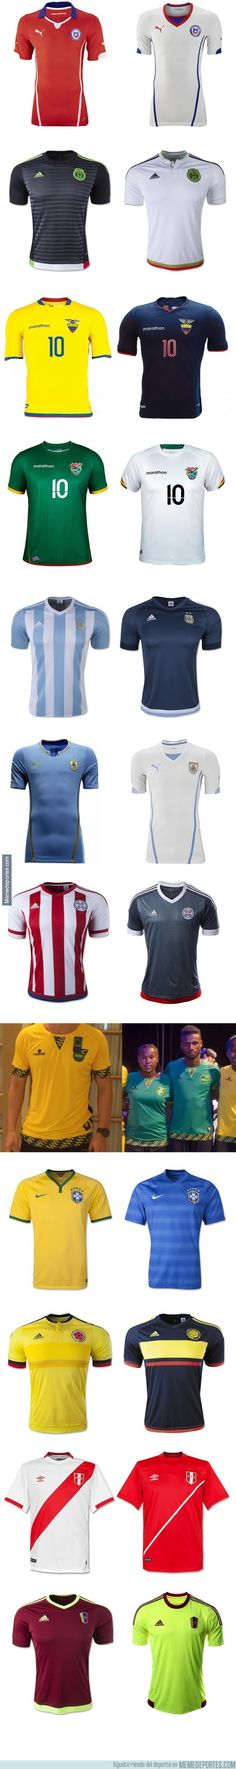 0401e1e79a79a 573069 - Los uniformes de las 12 Selecciones para la Copa América Chile 2015